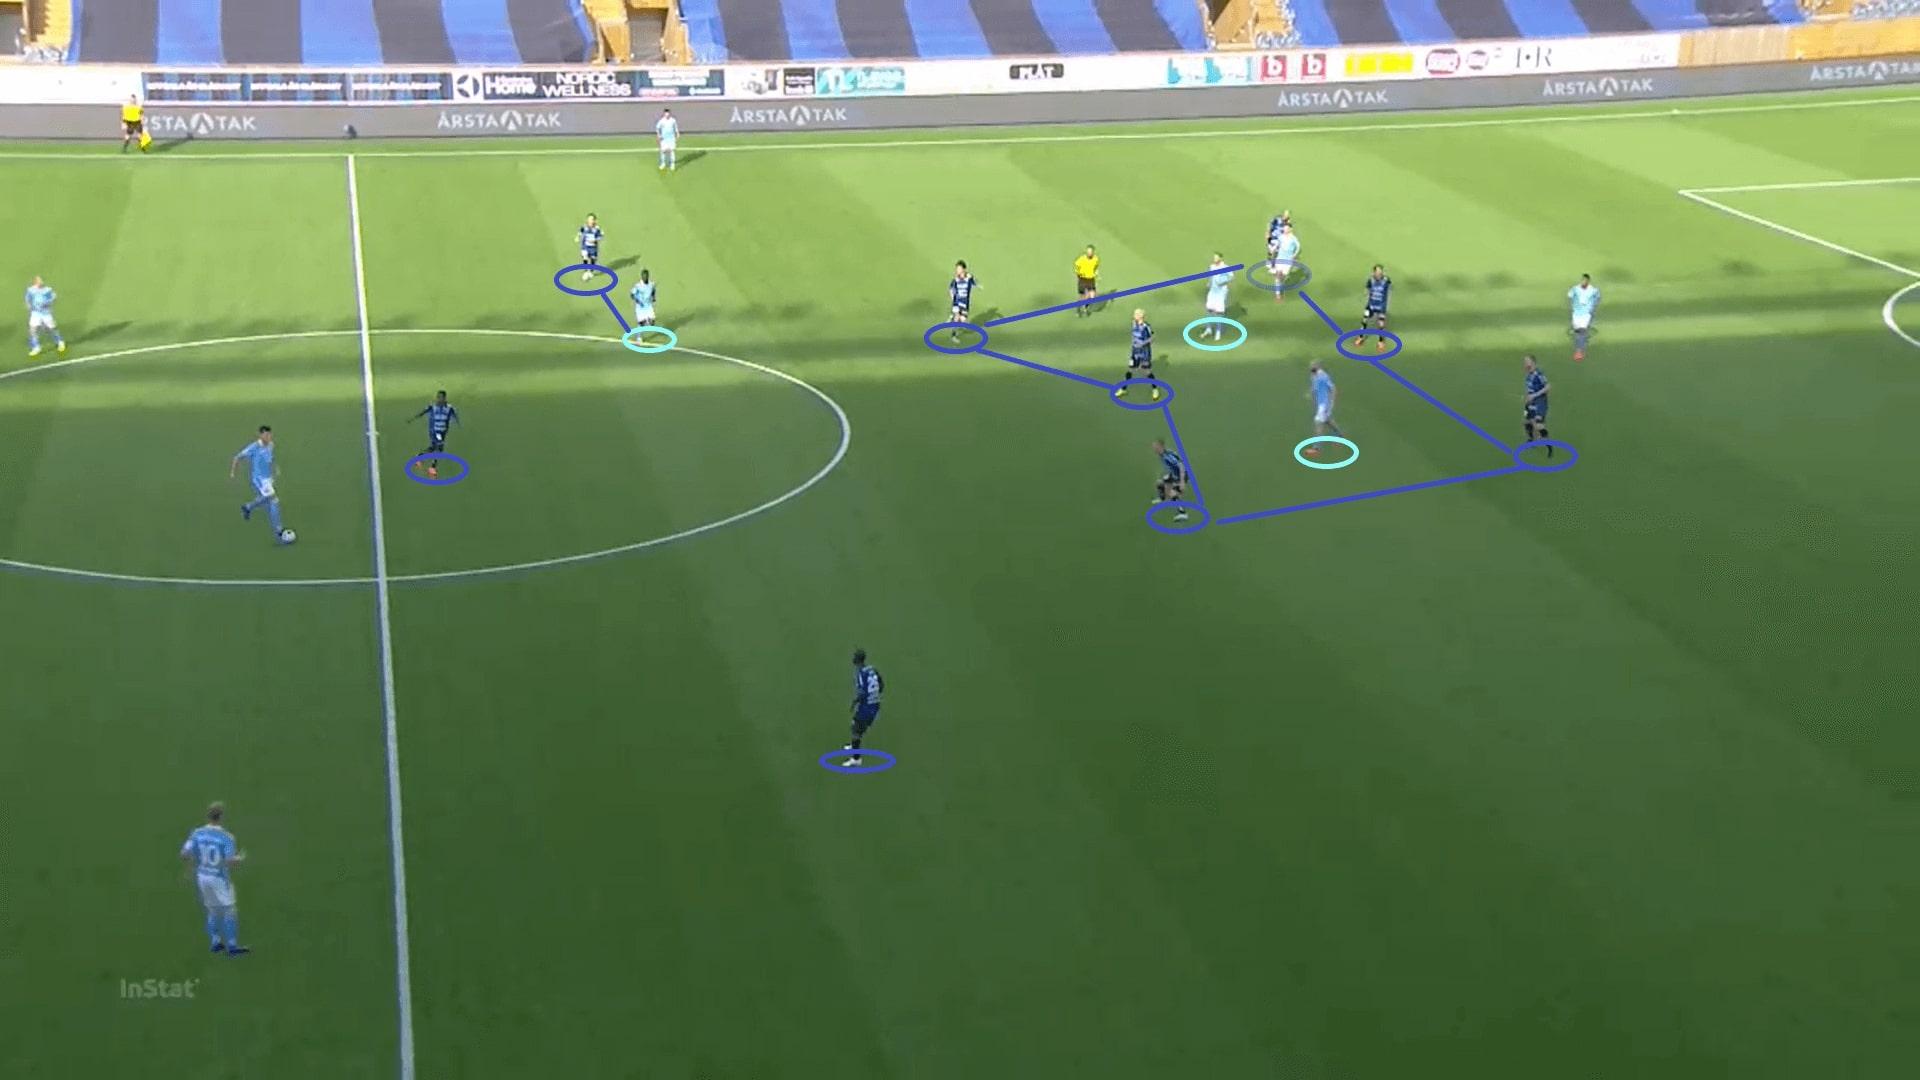 Allsvenskan 2020: Sirius vs Malmo FF - tactical analysis tactics